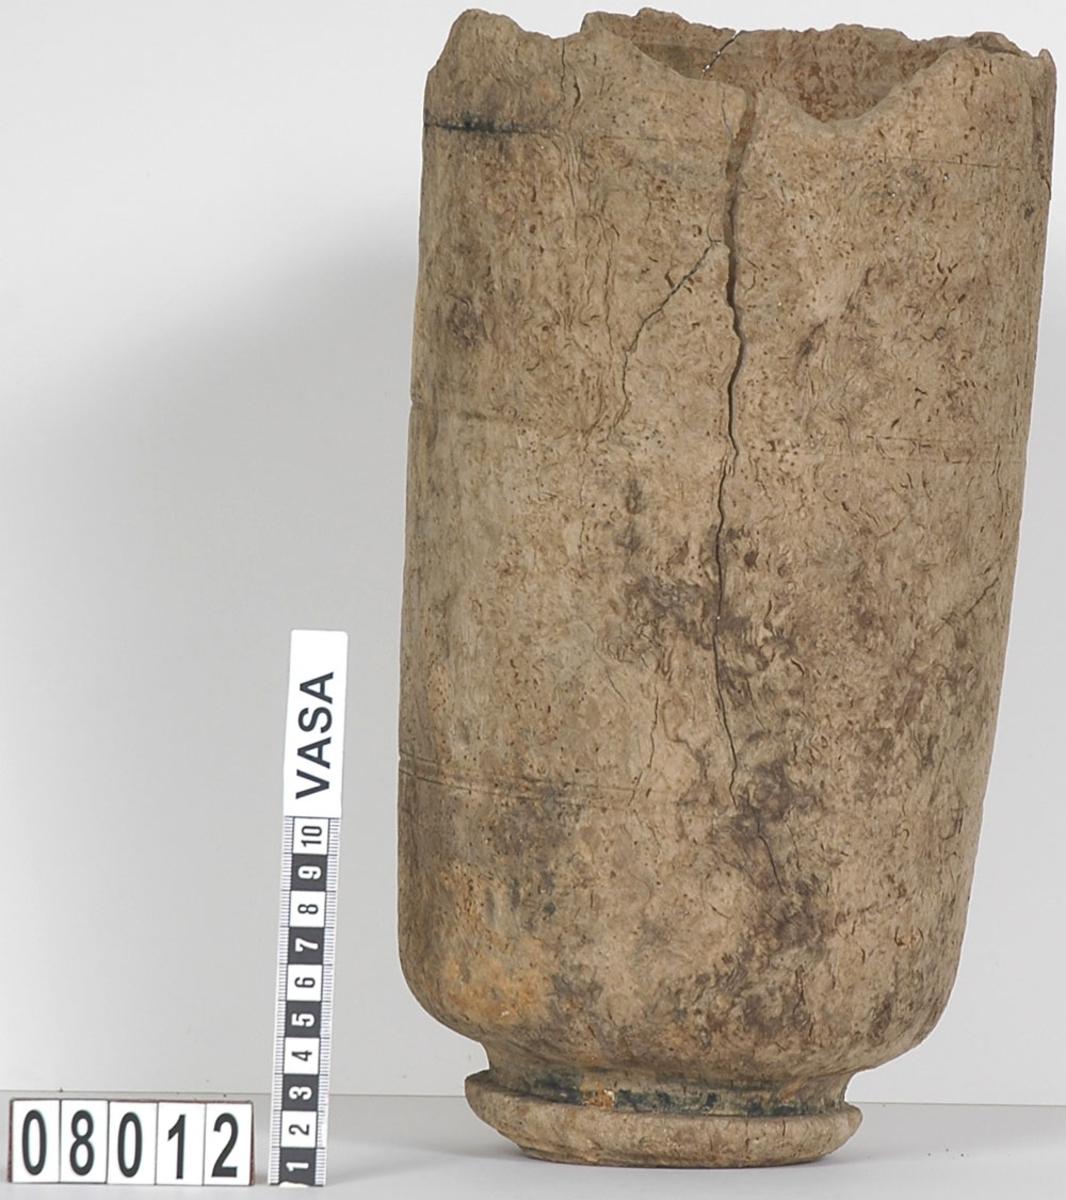 En svarvad träflaska med lock. Flaskan har en kort hals, sluttande skuldror och skrånande sidor. Runt flaskans kropp löper dekorativa, svarvade ringar. Flaskans saknar botten och två mindre delar av flaskan är bortbrutna.